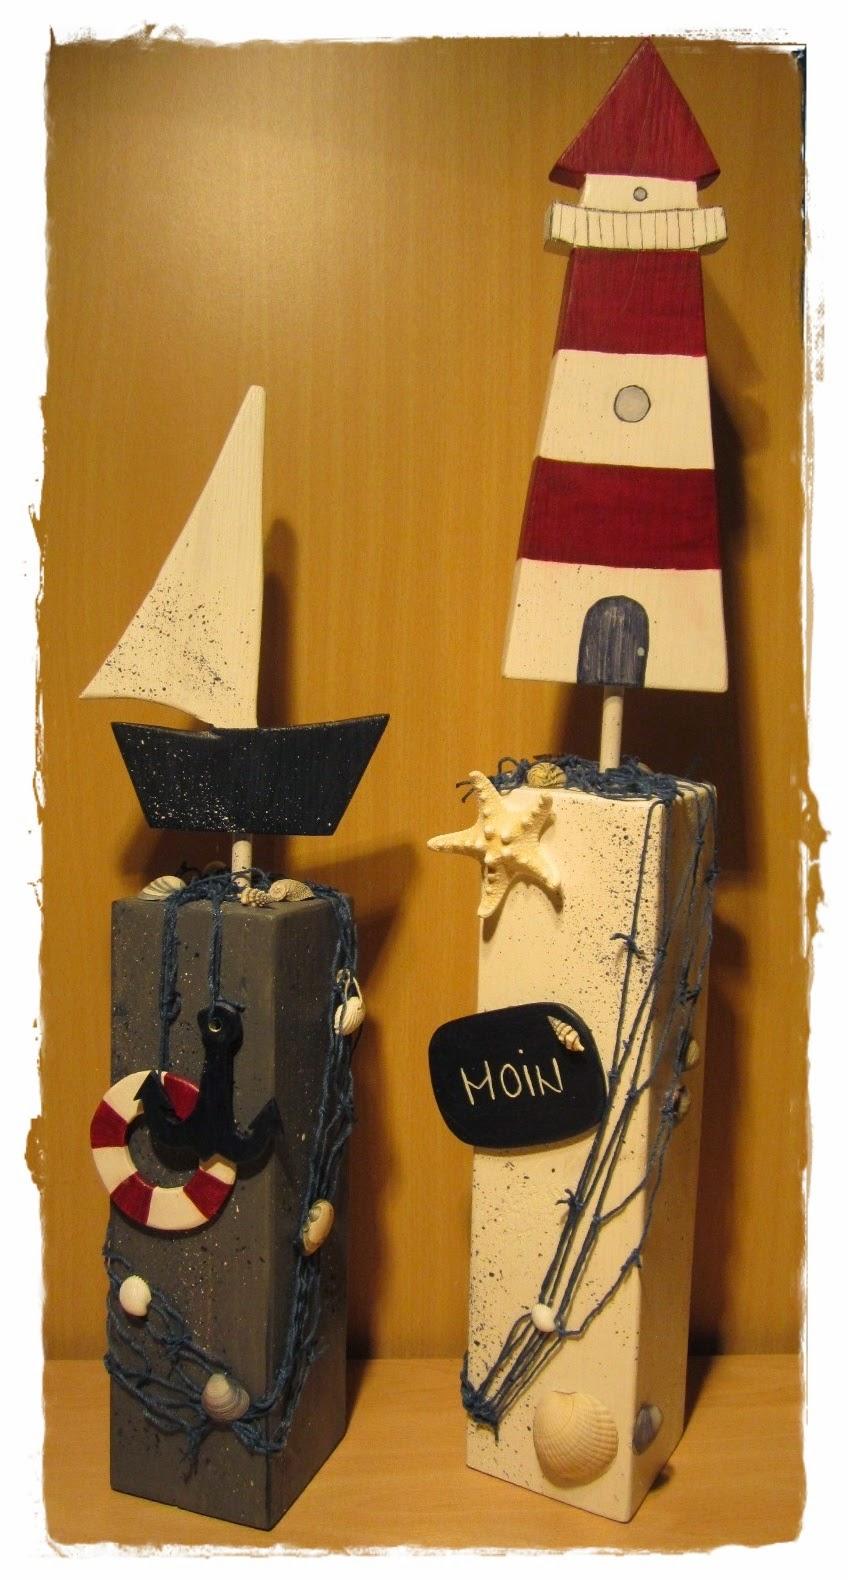 Holzpfosten Deko brittas kreativstübchen maritime holzpfosten ii